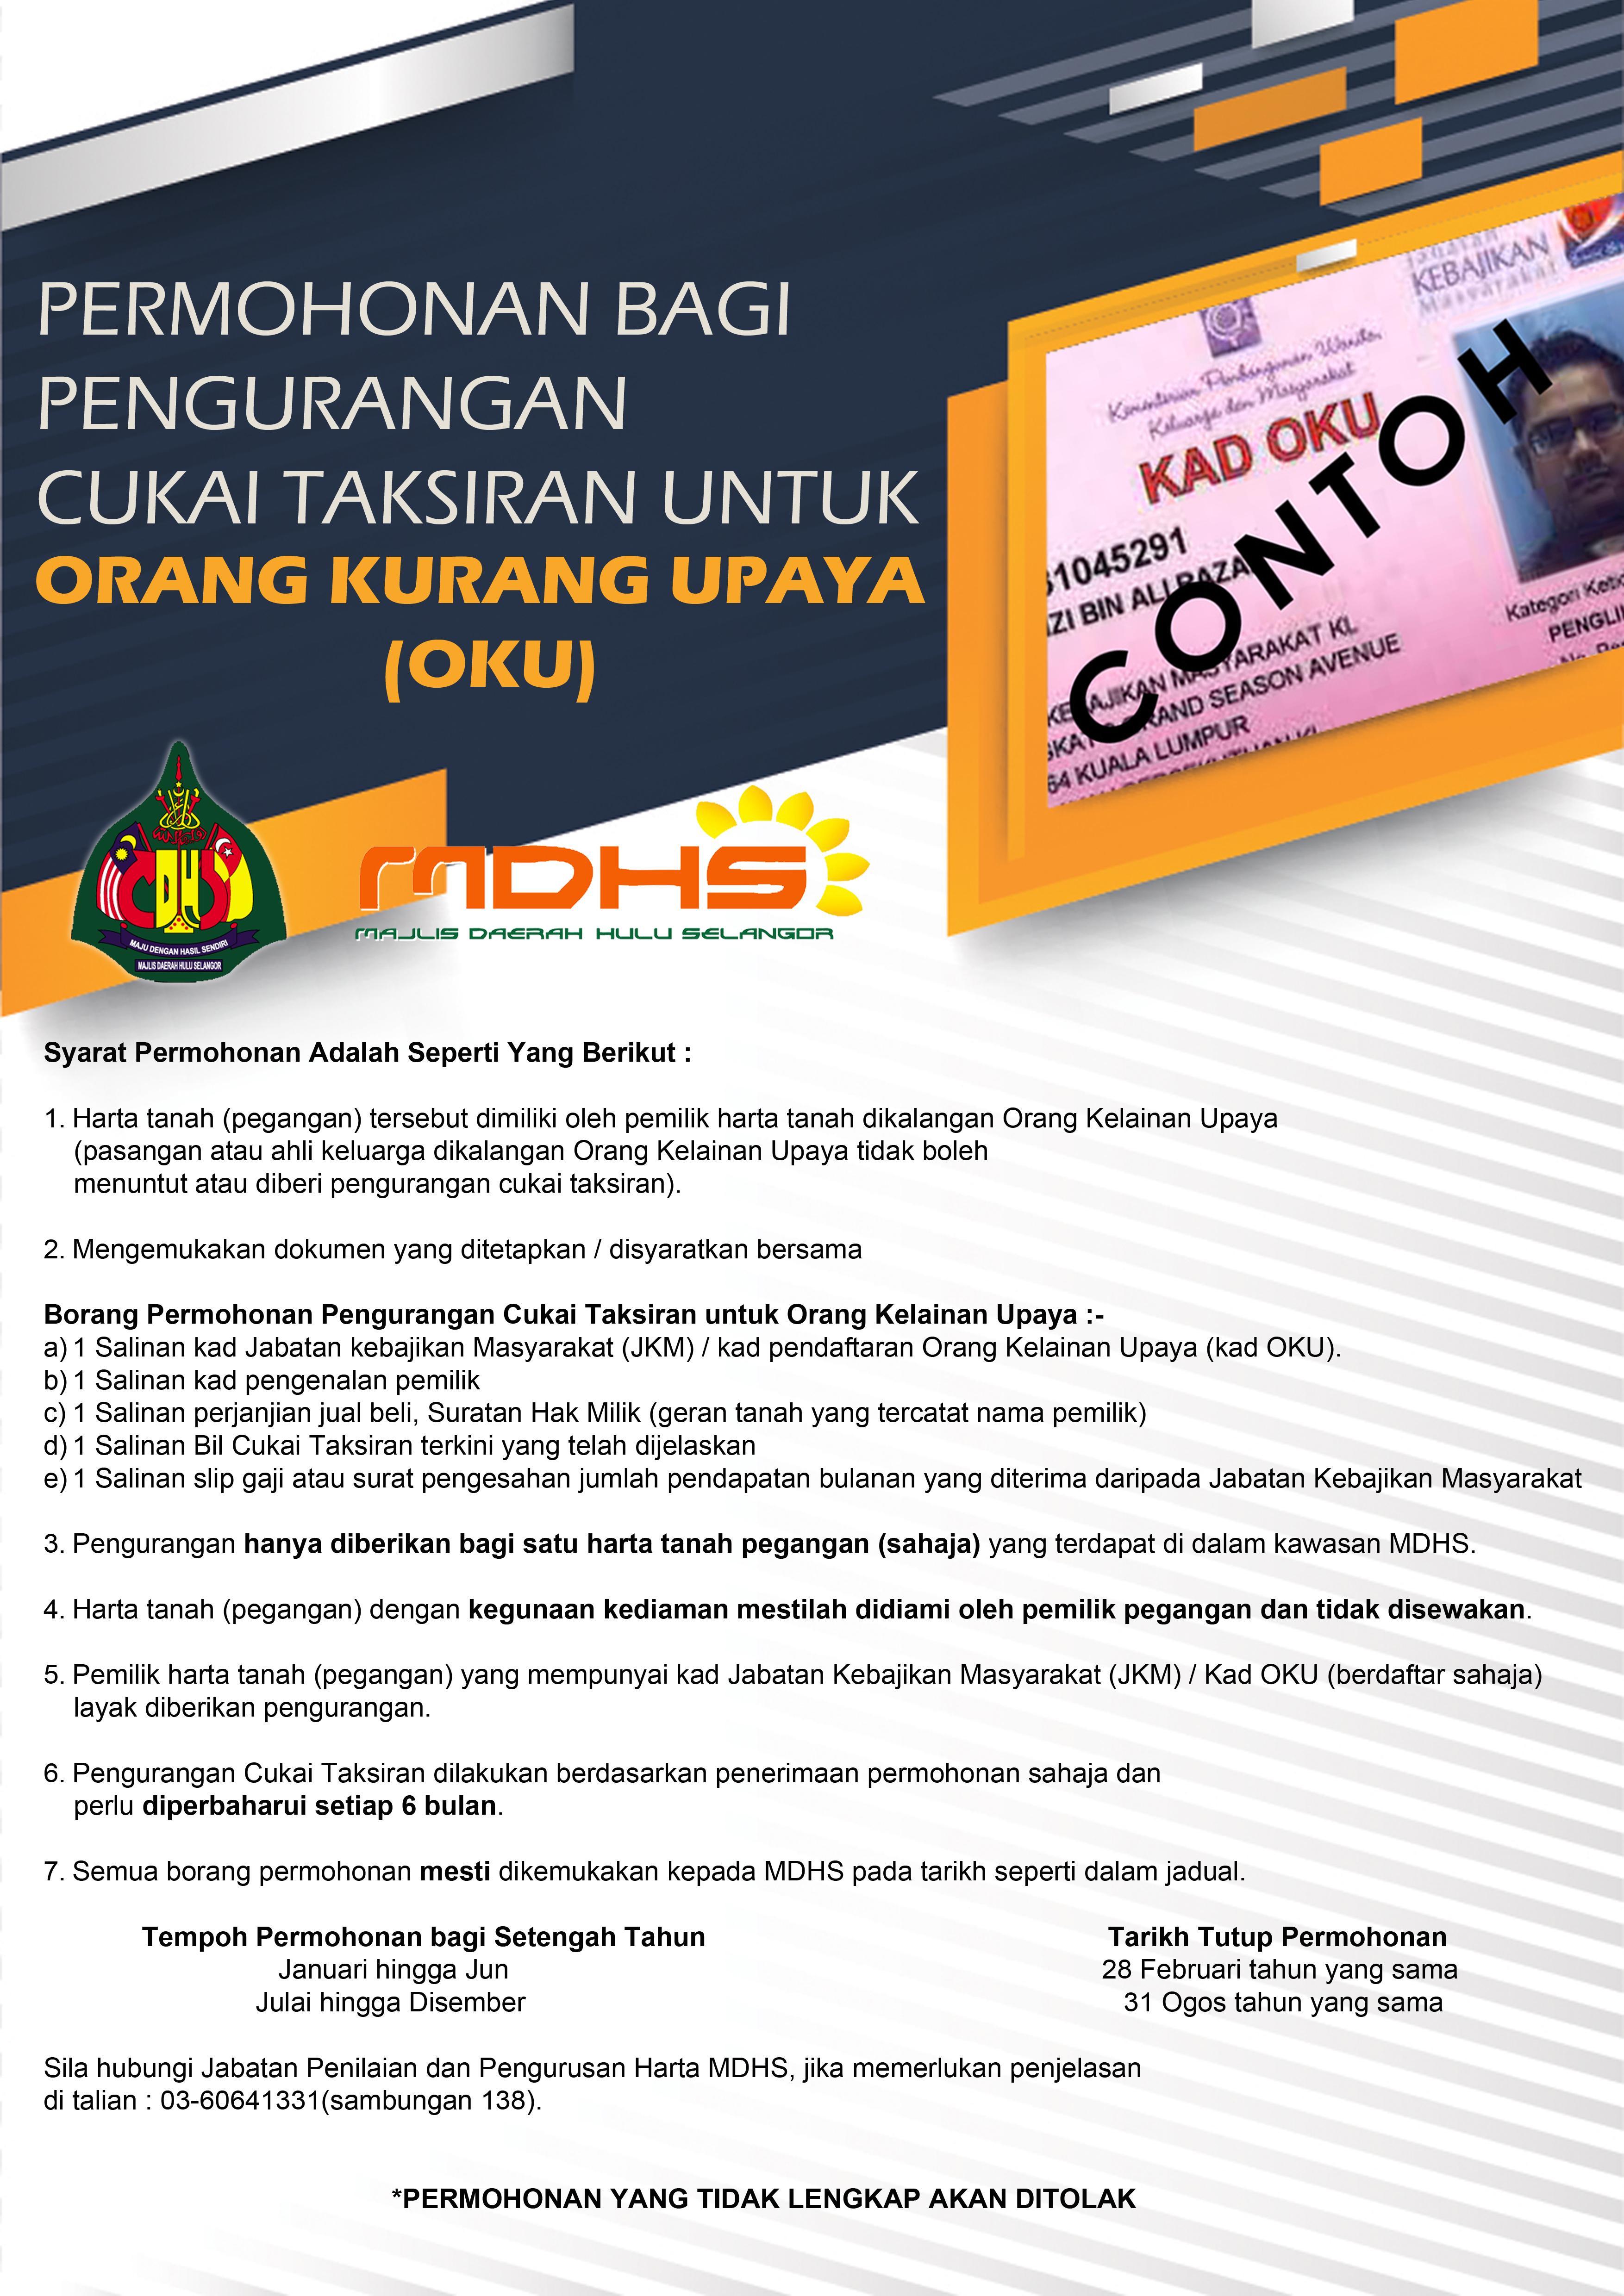 Tawaran Kepada Orang Kurang Upaya Oku Portal Rasmi Majlis Daerah Hulu Selangor Mdhs